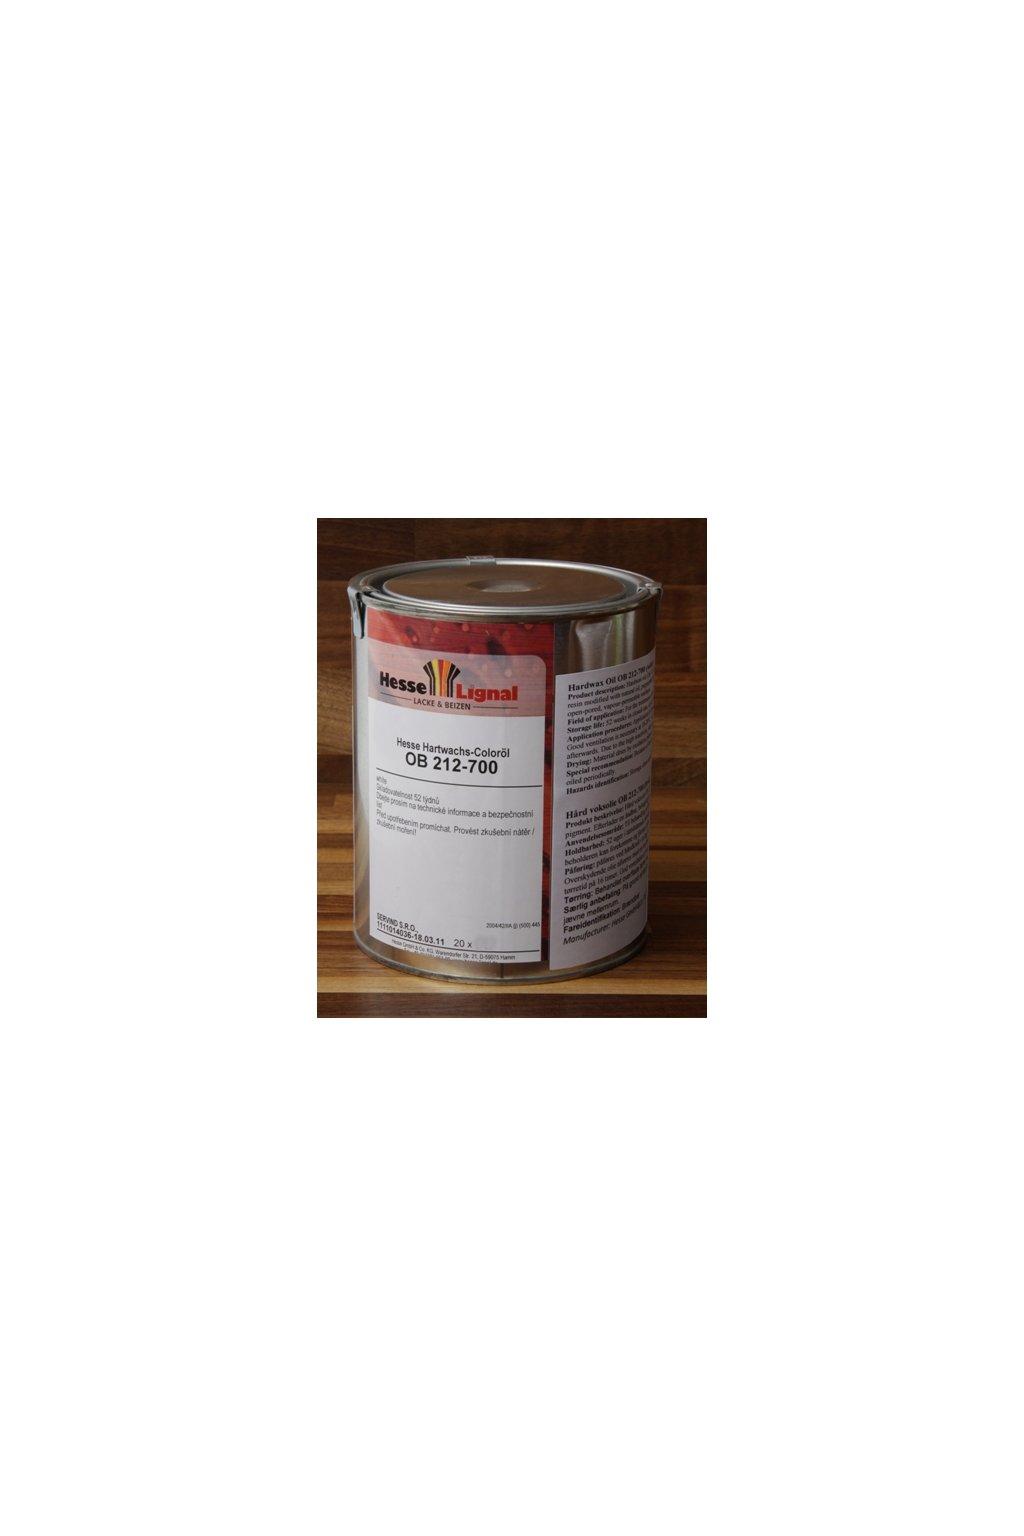 PLECHOVKA - Bílý olejovosk 0,43l